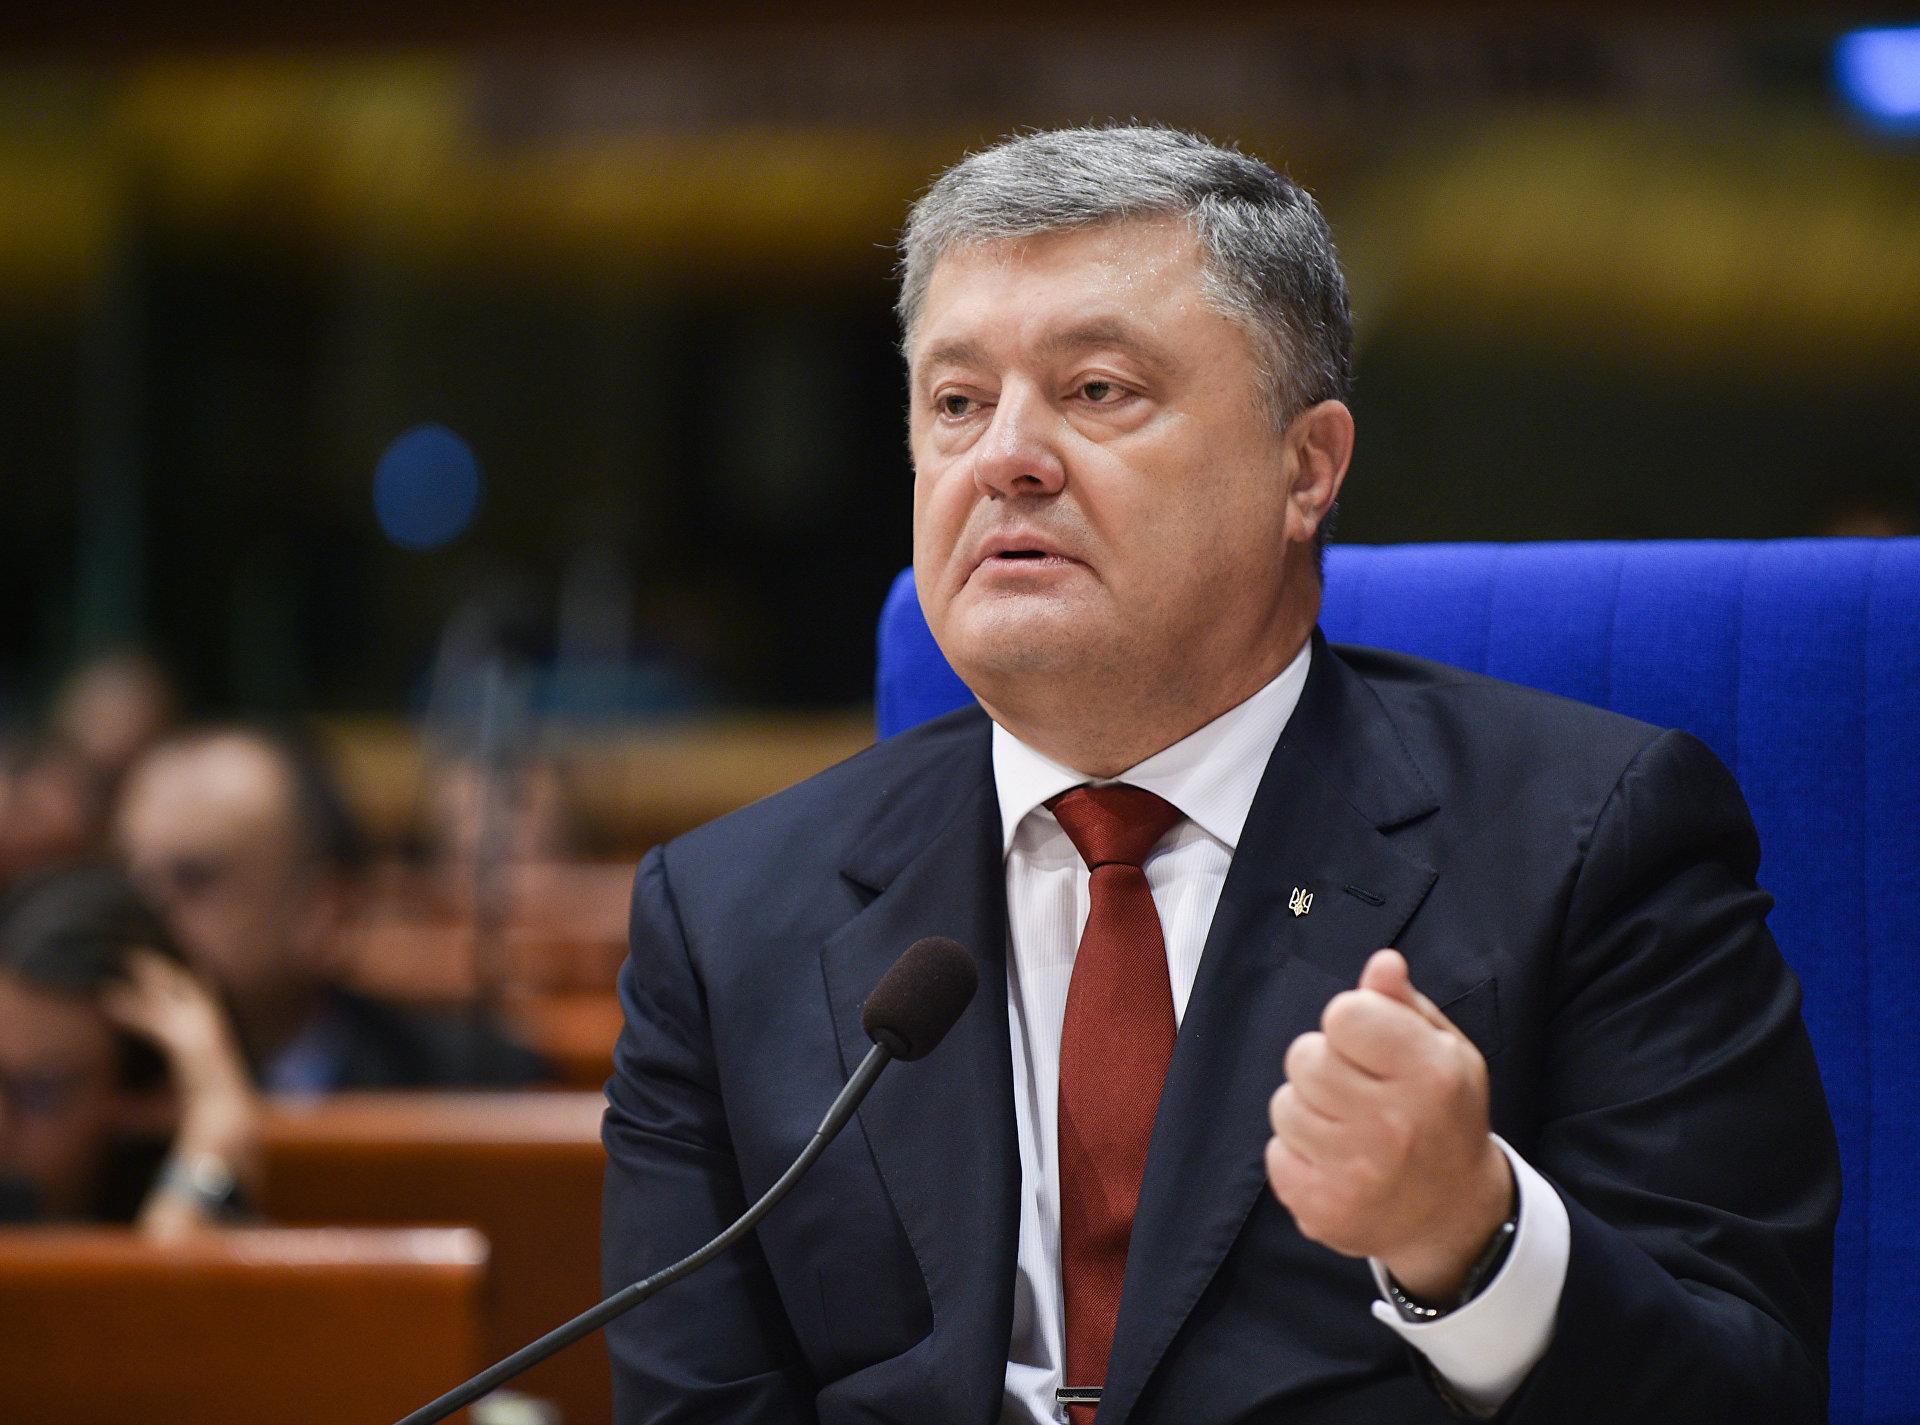 кто был президентом до порошенко ведут расследование все